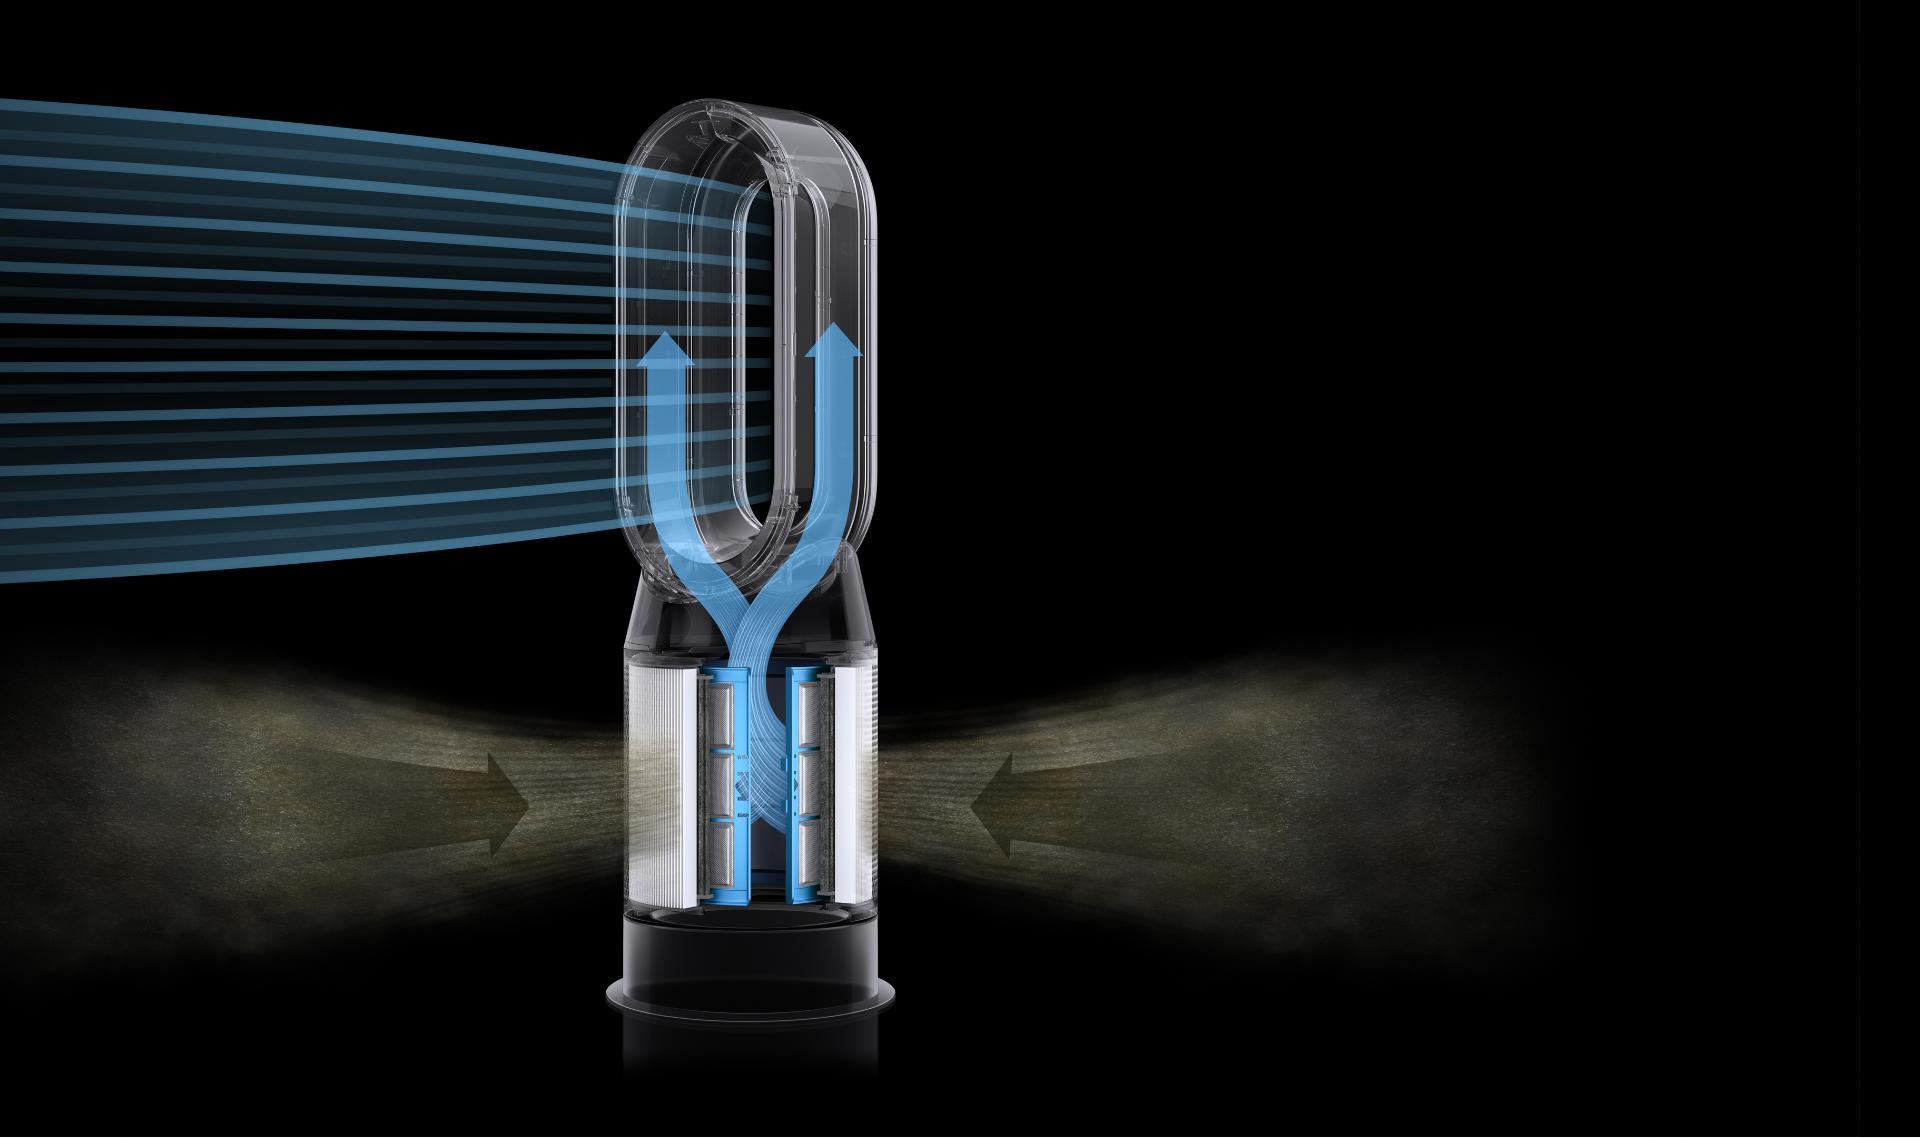 رسم يوضح جهاز تنقية هواء مُحكَماً تماماً